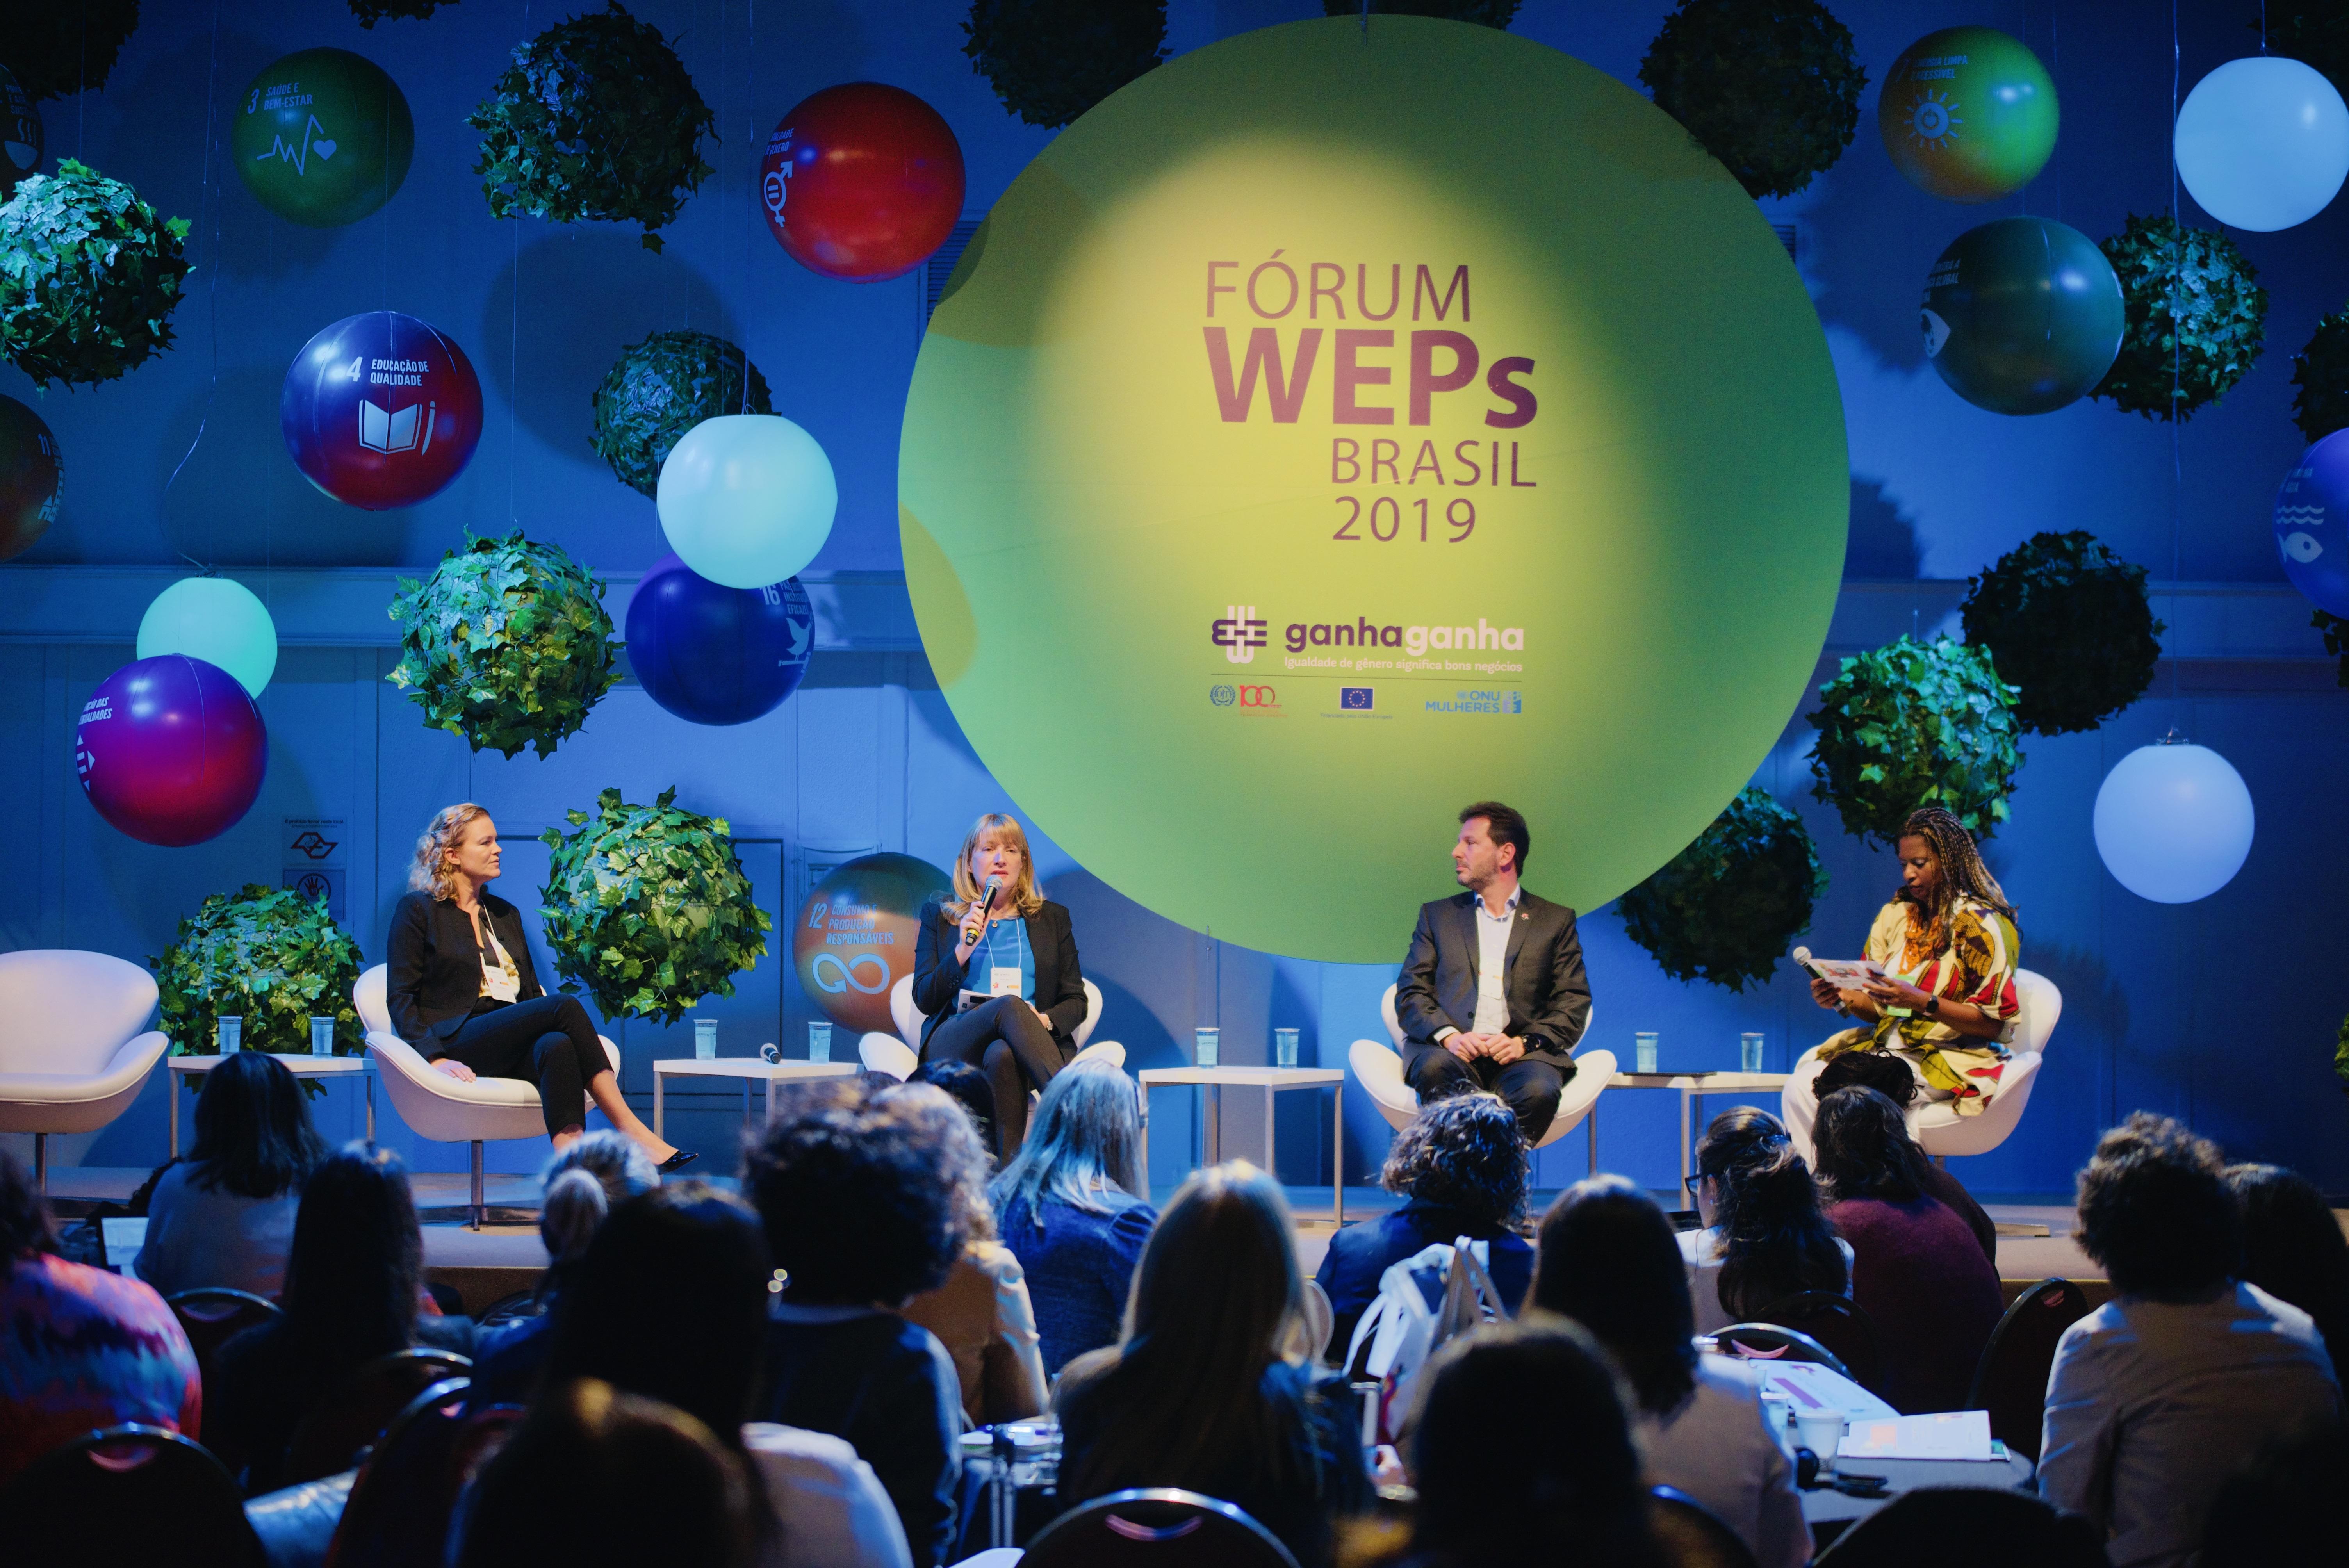 ONU Mulheres, OIT e União Europeia fortalecem parceria com setor empresarial pela igualdade de gênero e debatem financiamento inovador/